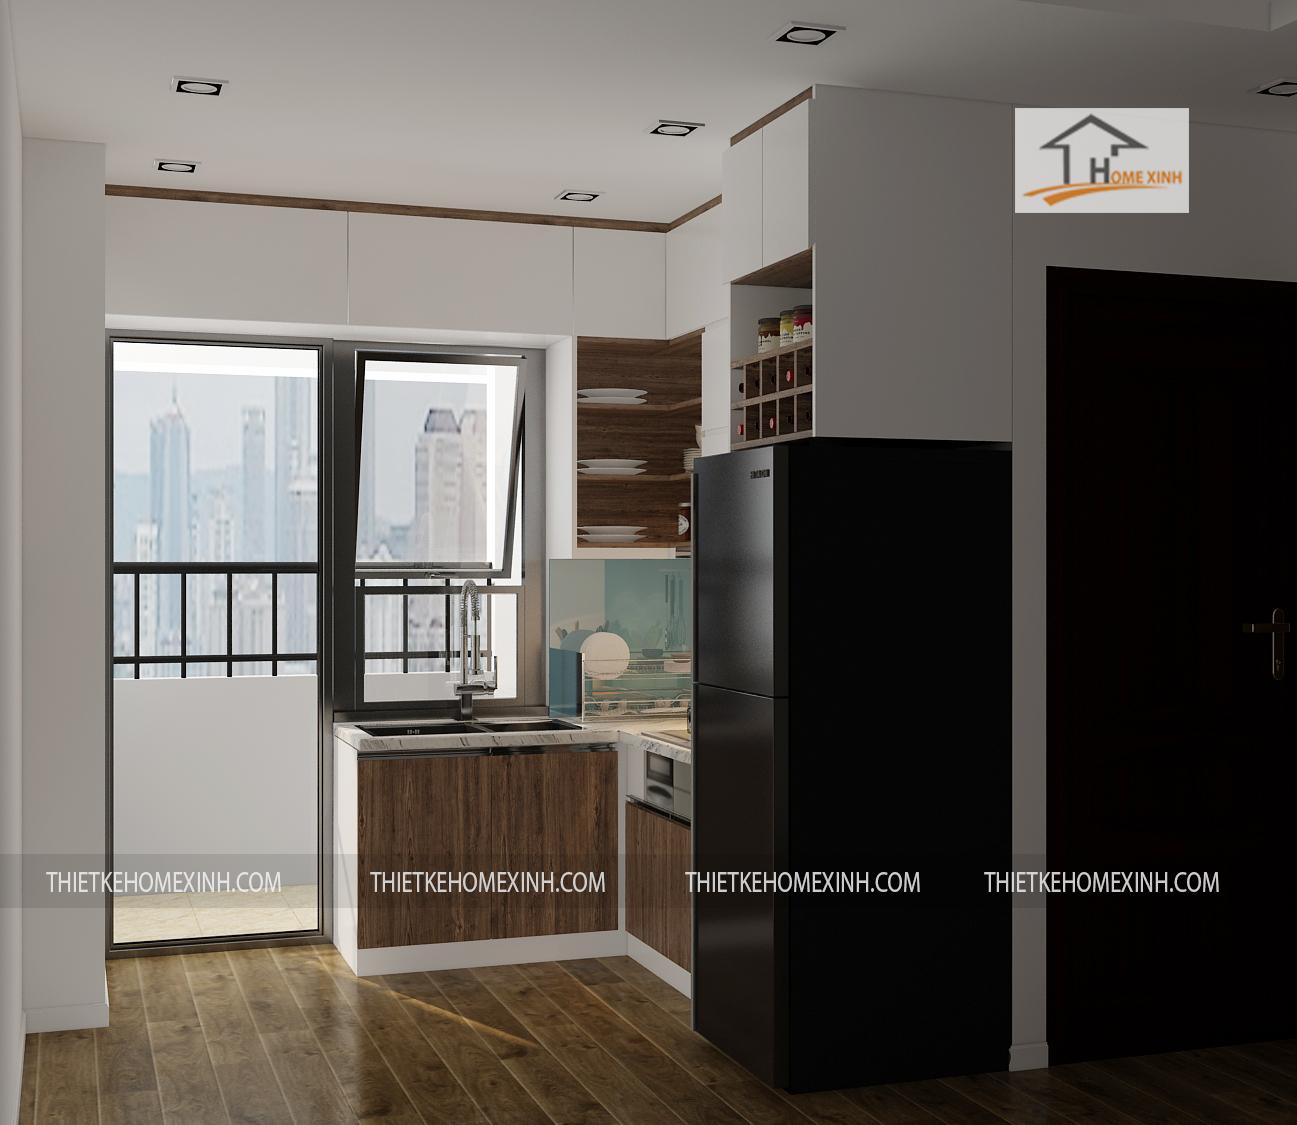 thiết kế phòng bếp - thiết kế home xinh